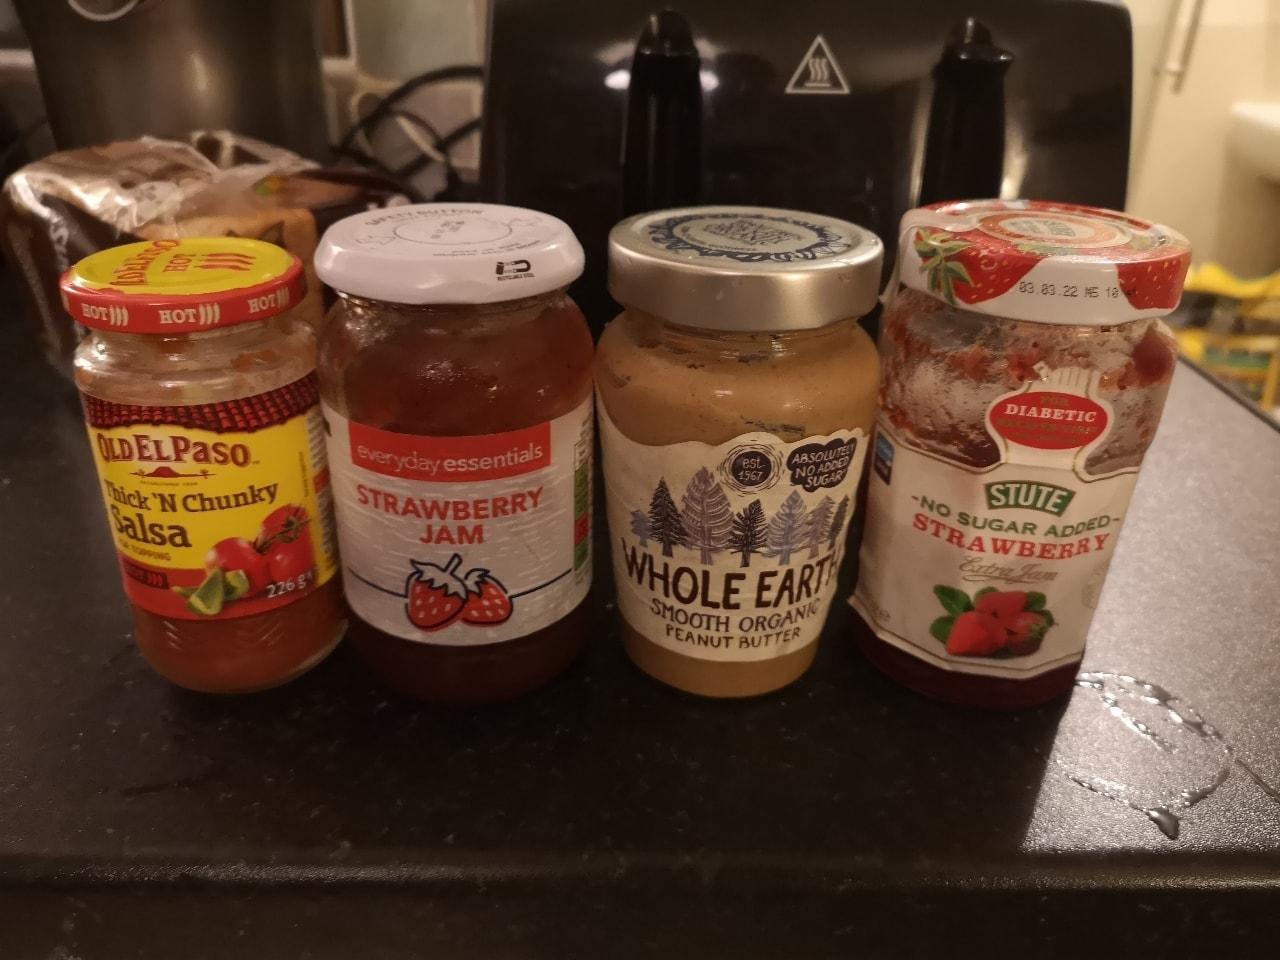 Strawberry jam, peanut butter, salsa